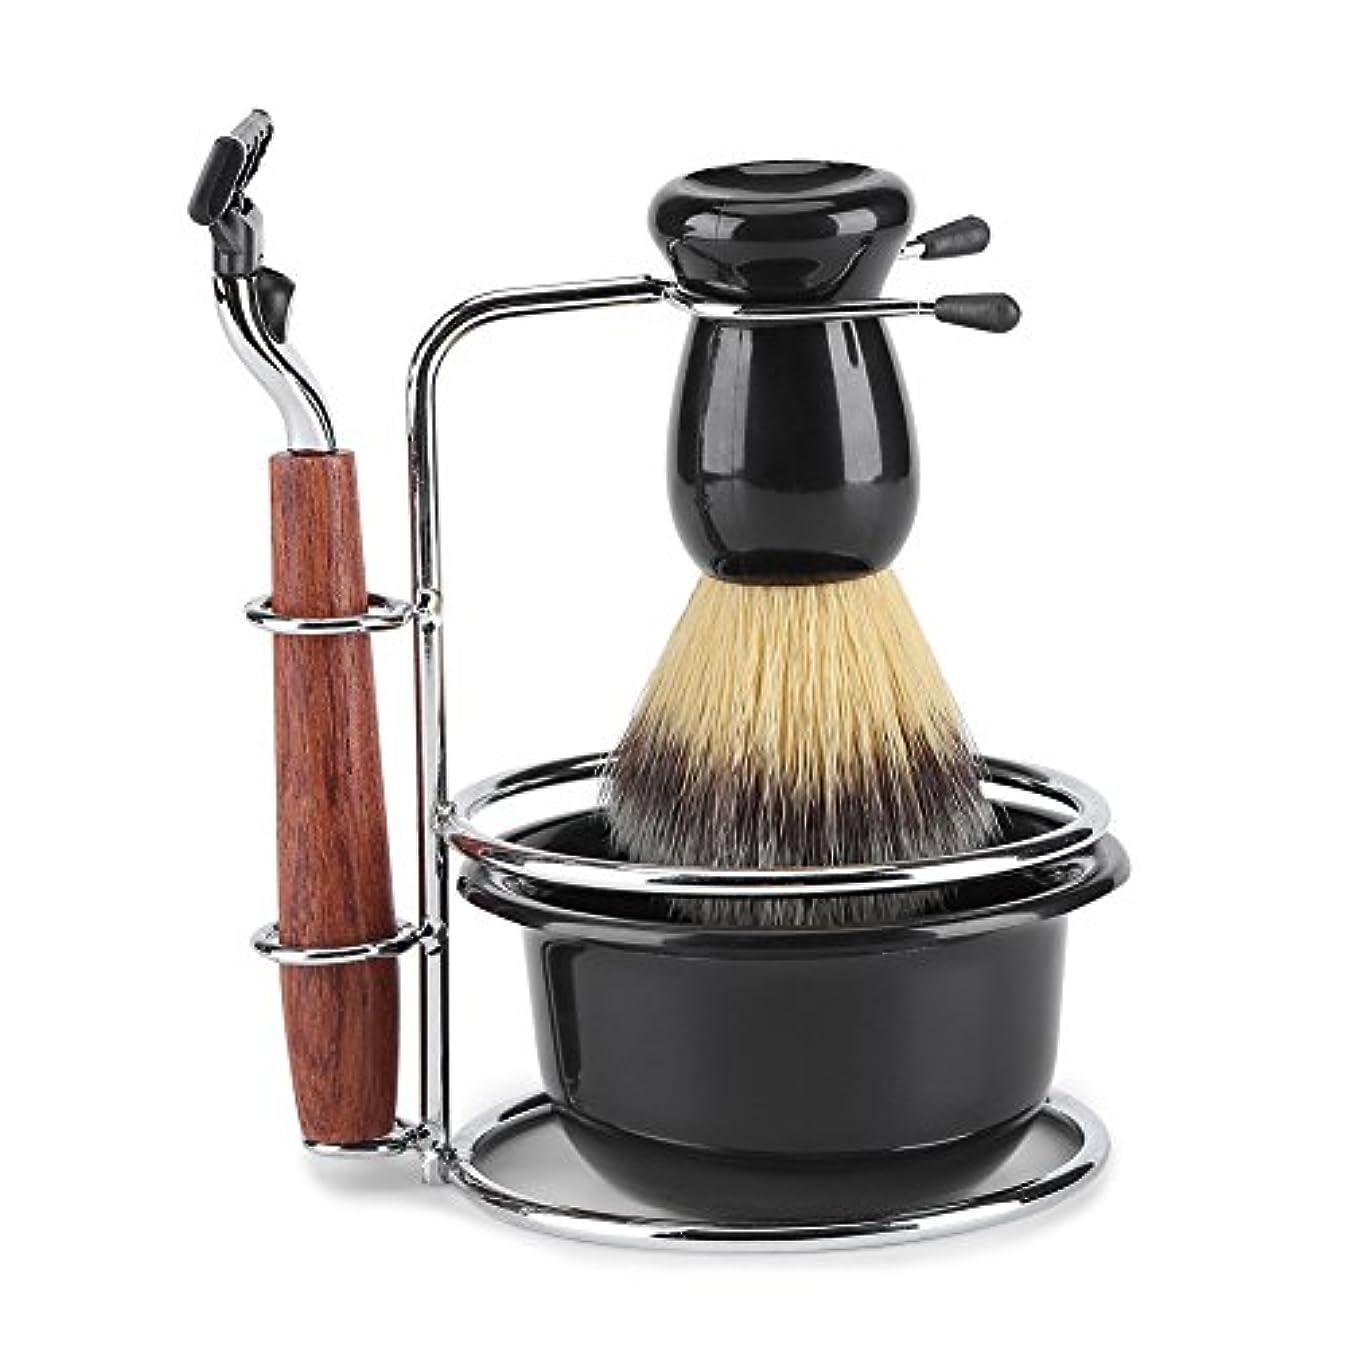 シュリンク言う熟達したシェービングブラシセット 父の日プレゼント ひげブラシ シェービングブラシ プラシスタンド 石鹸ボウル 理容 洗顔 髭剃り 泡立ち メンズ用 親父 ご主人 クリスマスプレゼント